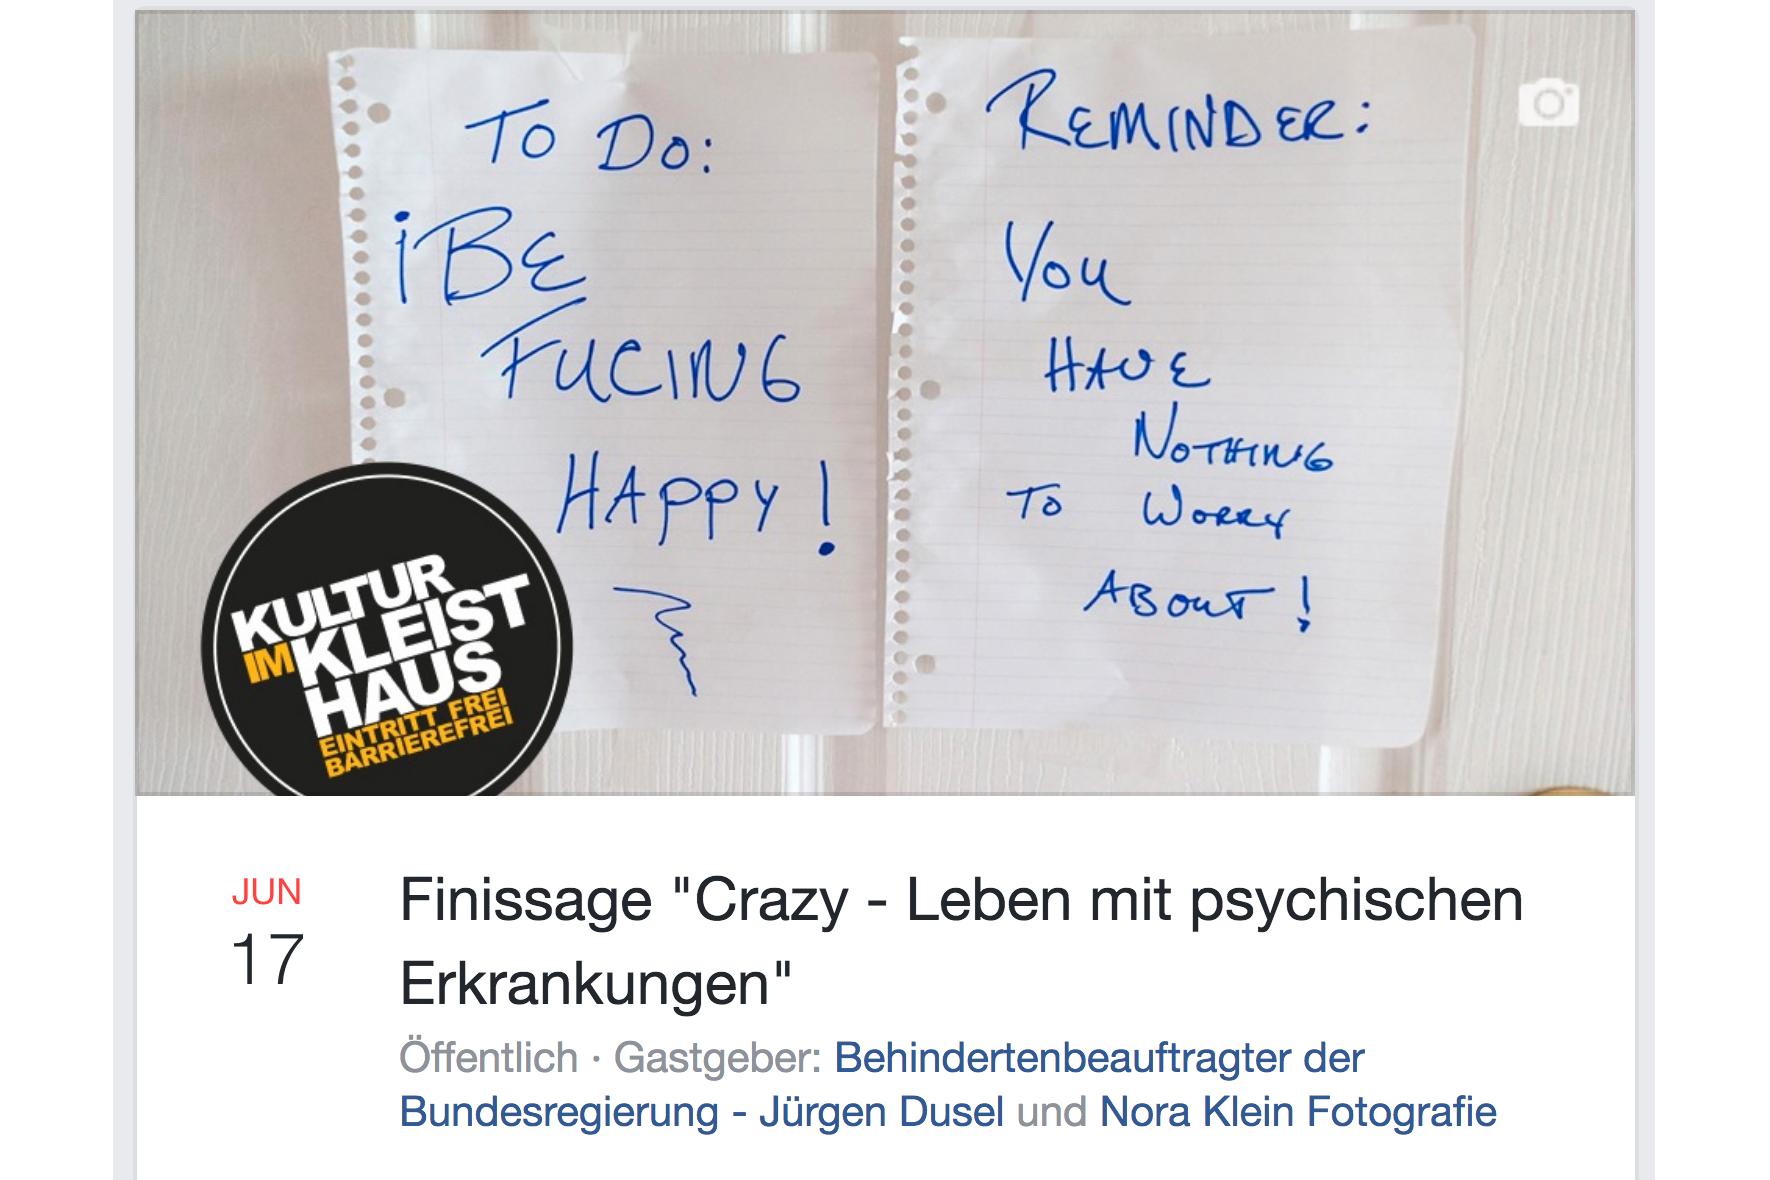 Einladung_Vortrag-Berlin-Nora-Klein-Fotografie-Depression